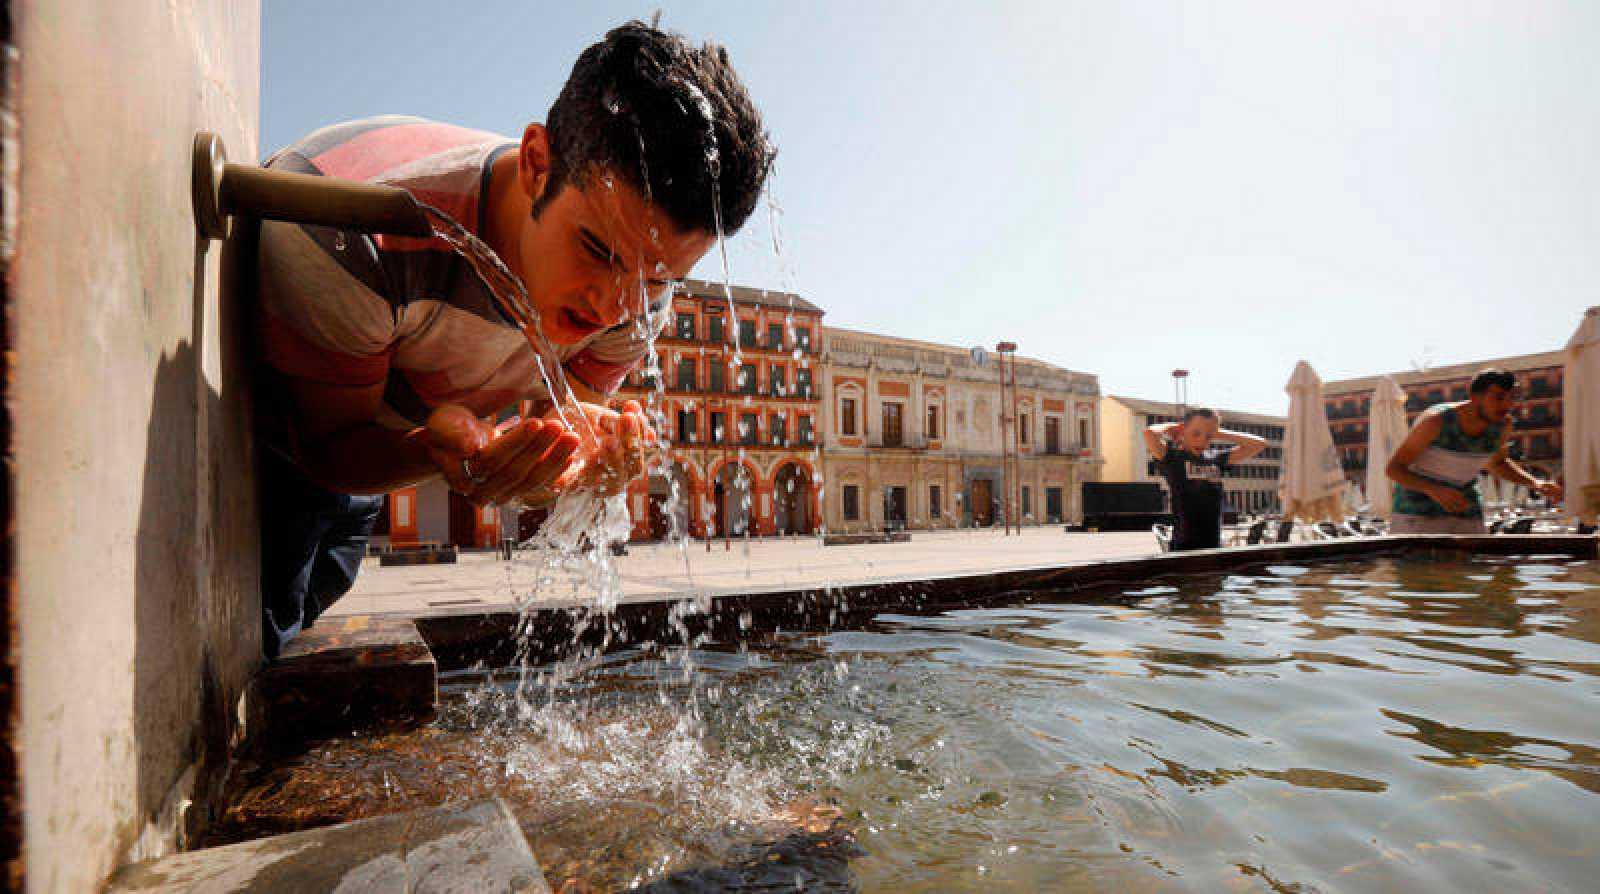 Un joven se refresca en la fuente del patio de los naranjos de la mezquita catedral de Córdoba este sábado.